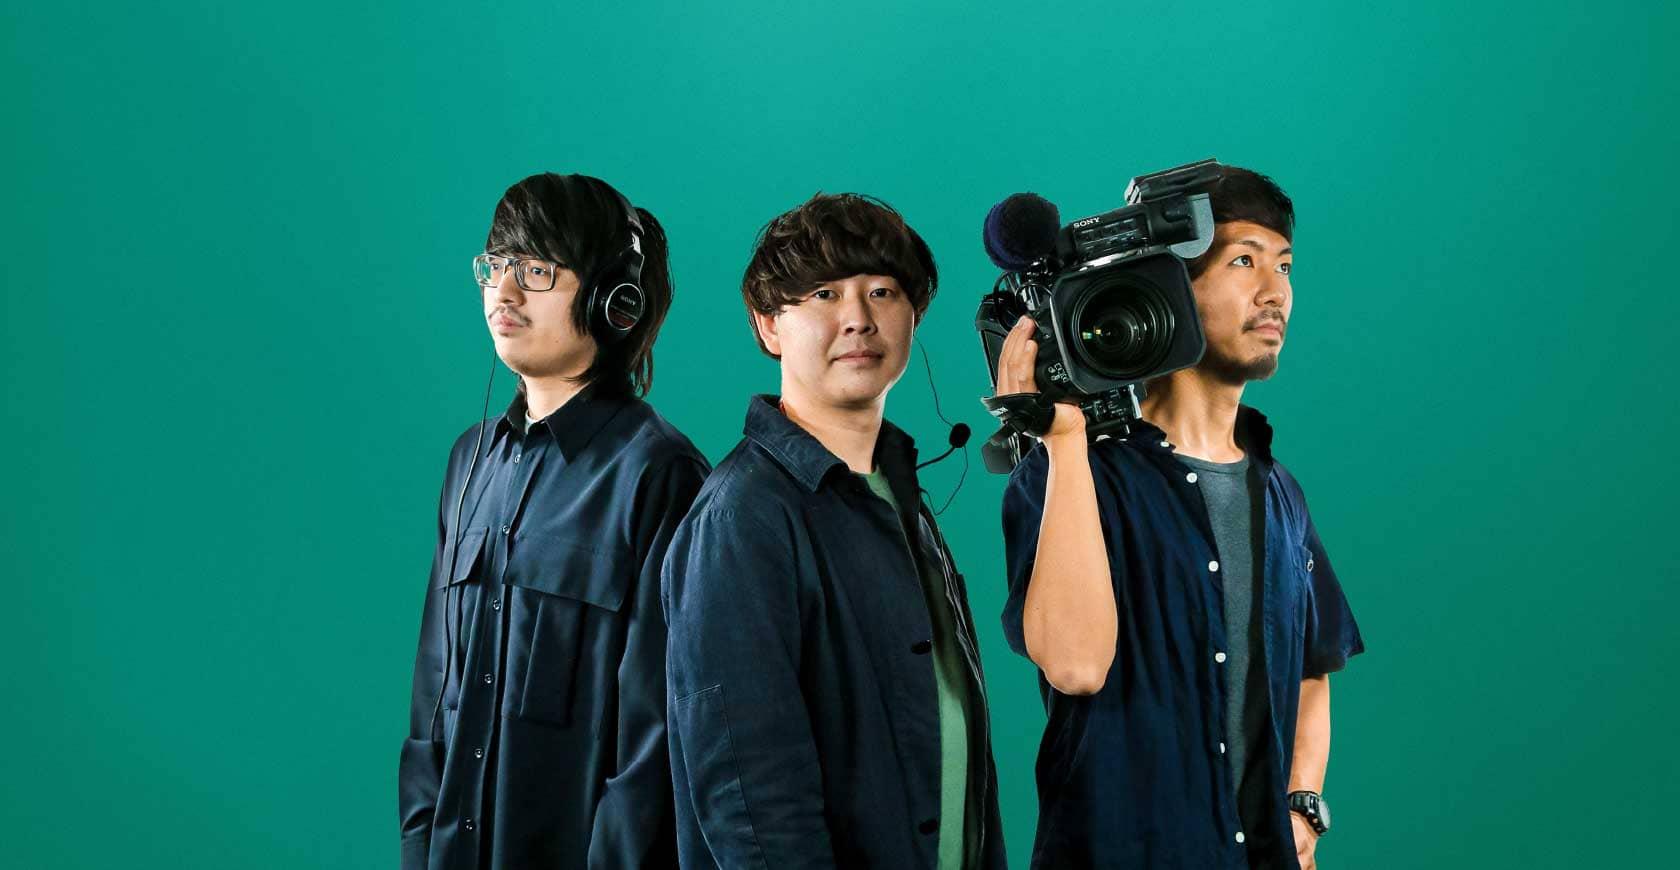 撮影配信スタジオ、30万円から使い倒しませんか。